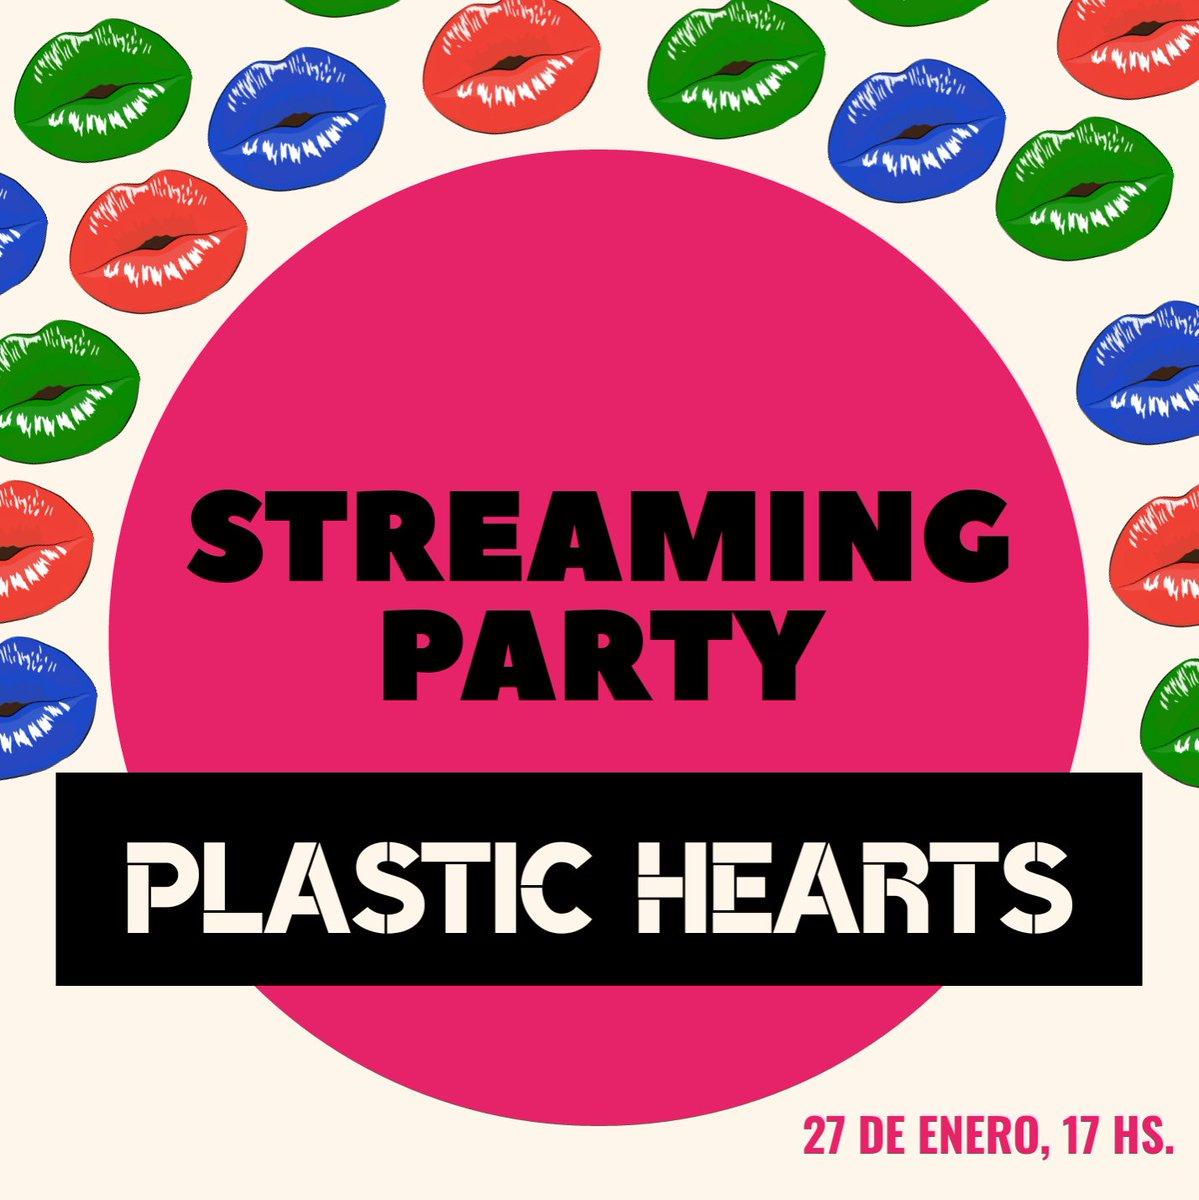 🚨 STREAMING PARTY 🚨  Celebrando los DOS MESES de #PlasticHearts, nos juntamos este miércoles 27/01 a las 17 hs (🇦🇷) para darle stream al álbum de Miley Cyrus. Agradecemos todo tipo de difusión ❤🤘. #PlasticHeartsStreamingParty